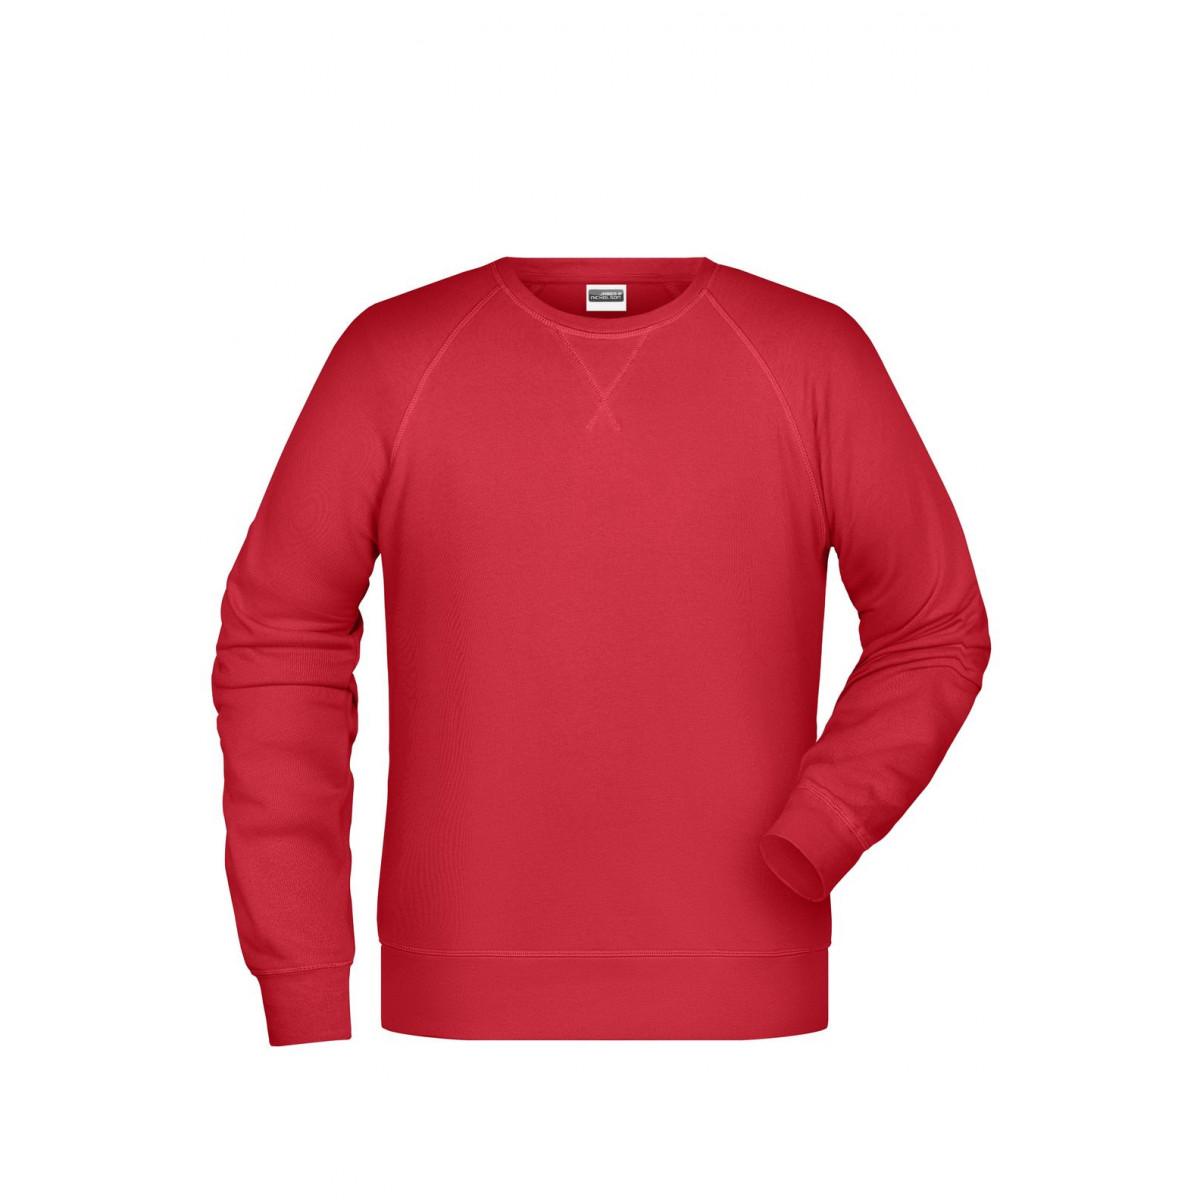 Толстовка мужская 8022 Men´s Sweat - Красный